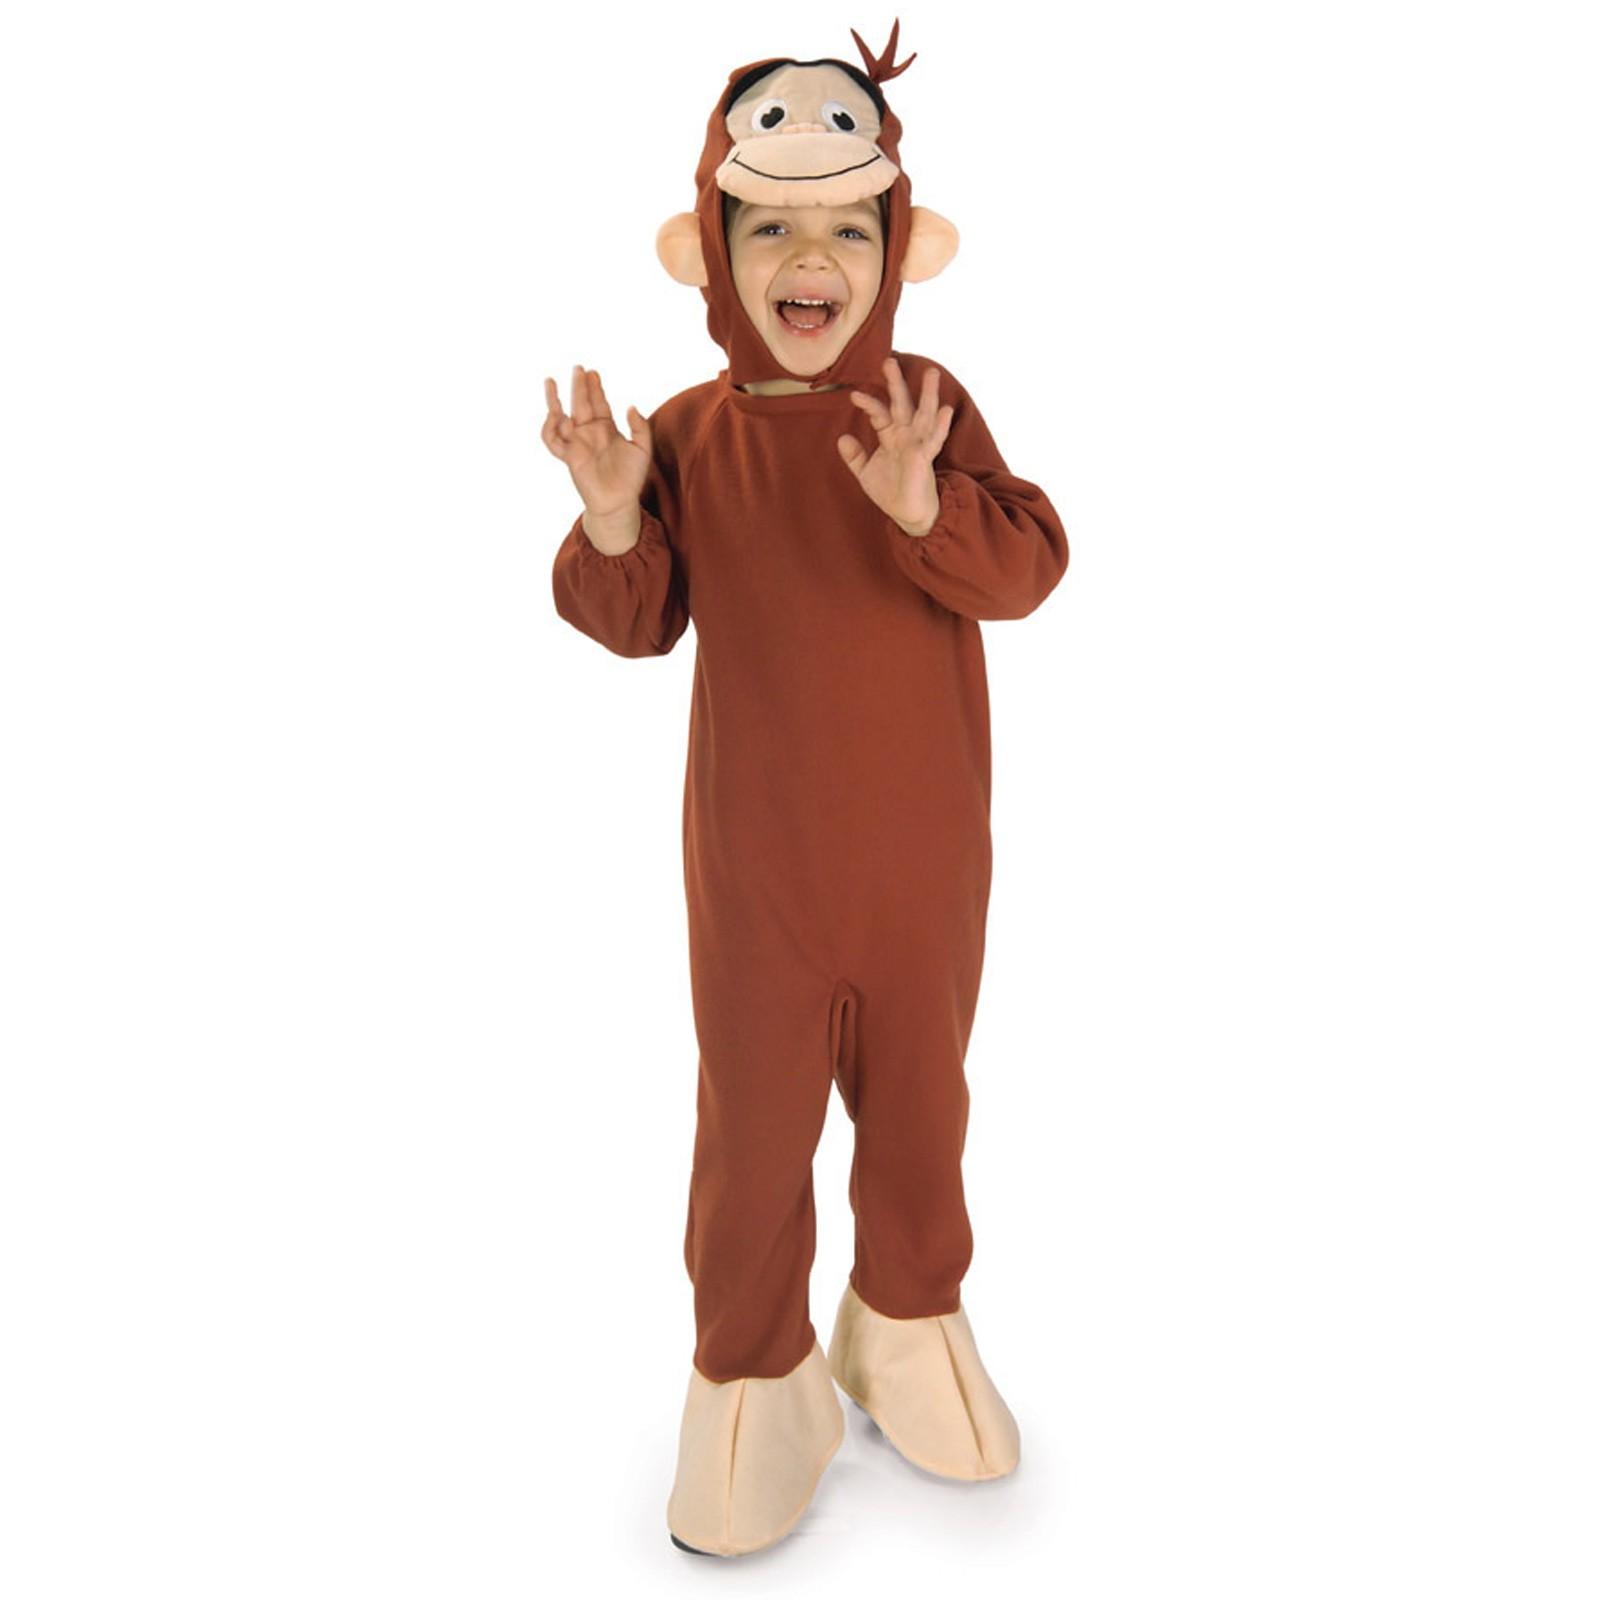 おさるのジョージ コスプレ コスチューム 子供 幼児 男の子 猿 サル きぐるみ 動物 ハロウィン 仮装 アニメキャラクター 申年